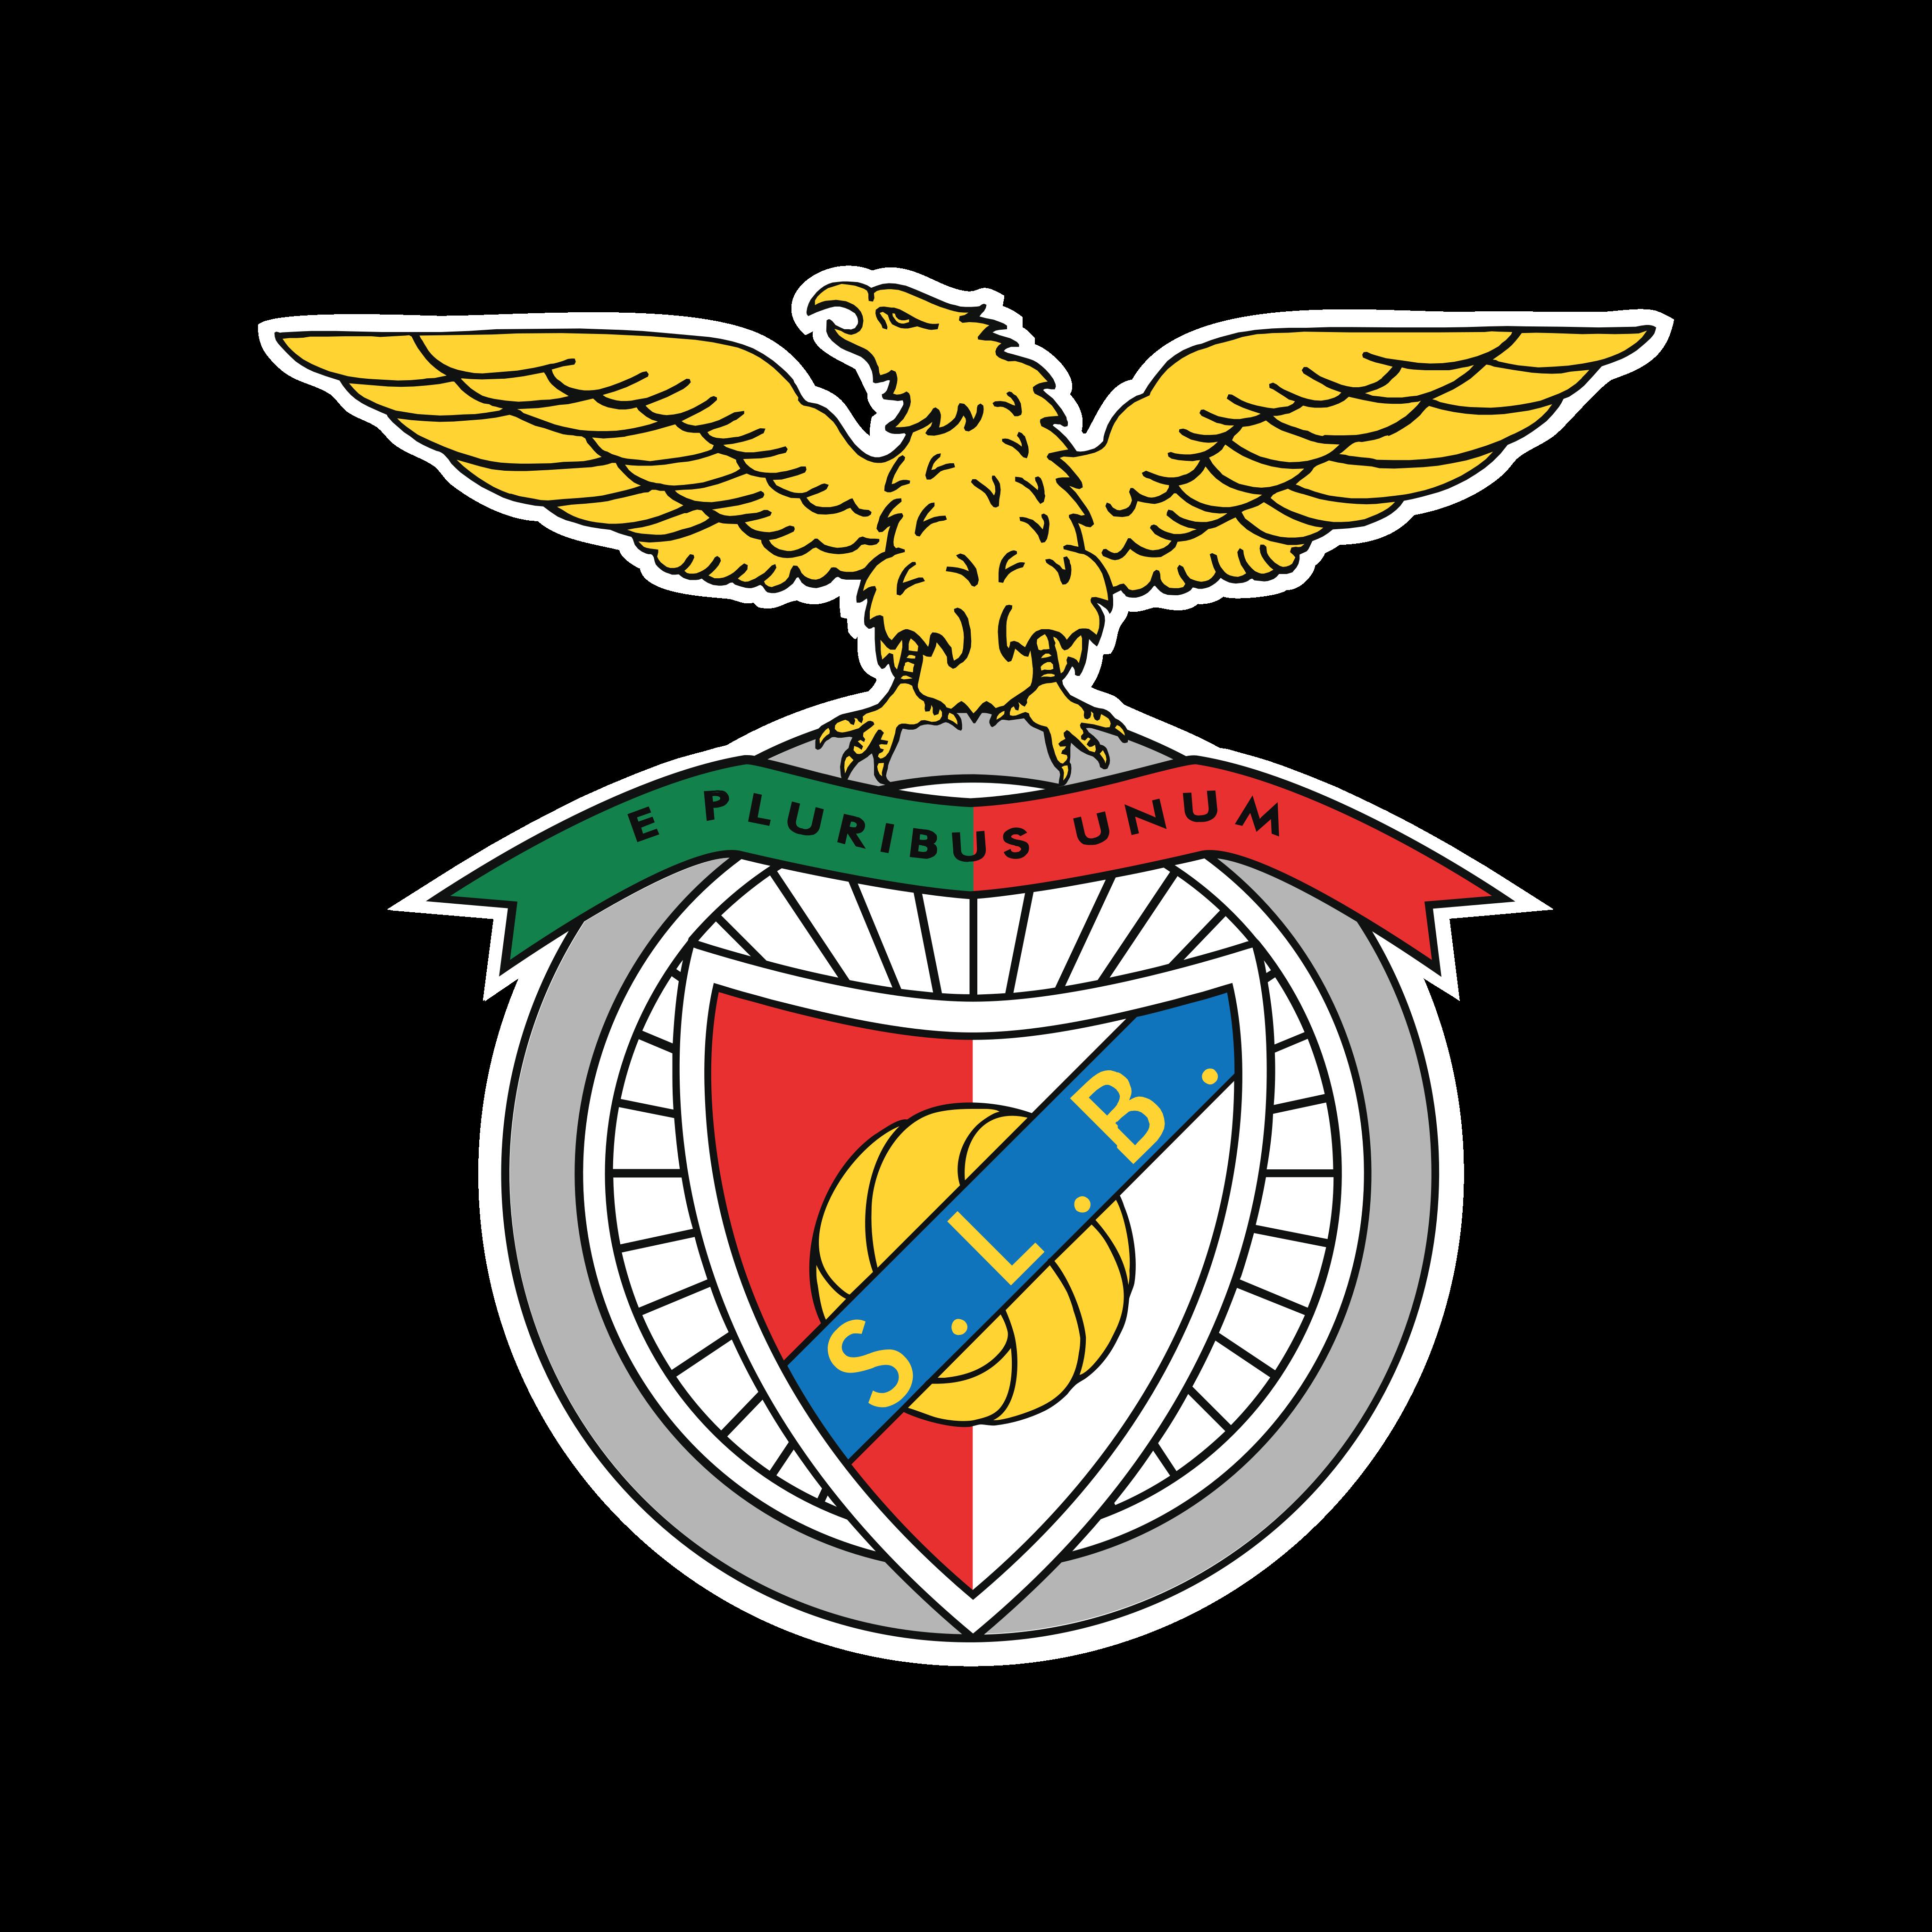 sl benfica logo 0 - SL Benfica Logo